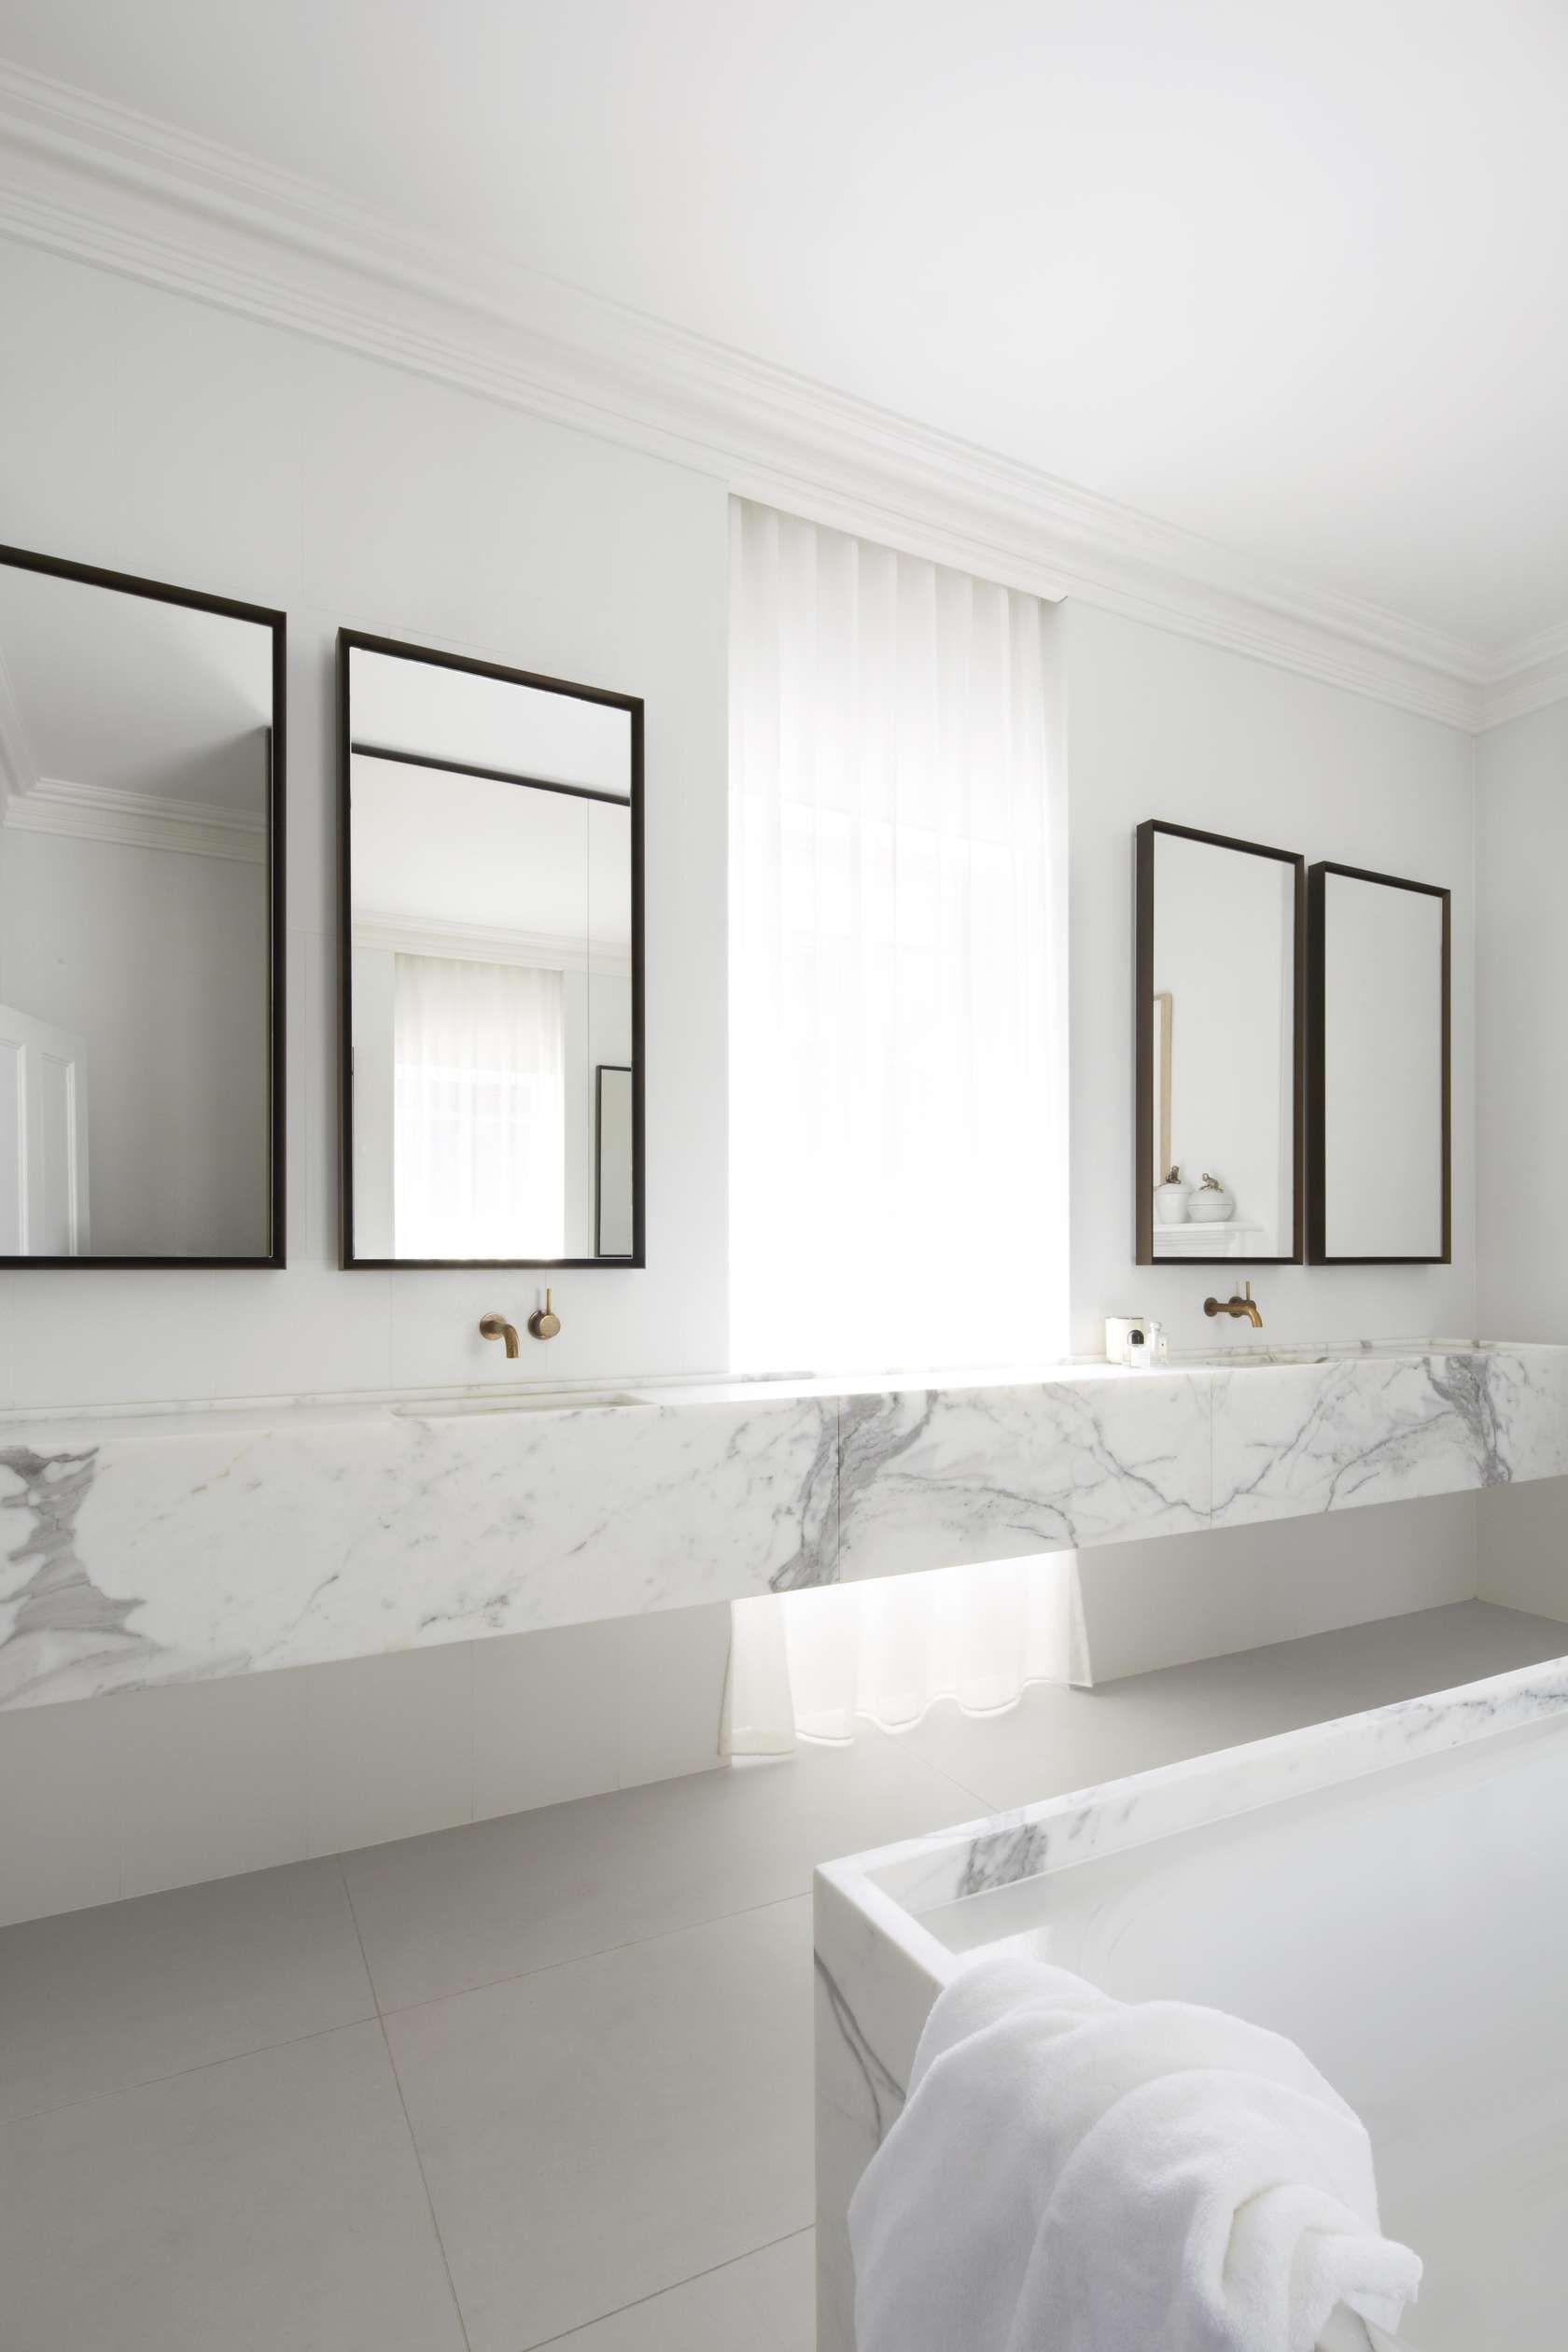 Smart Bathroom Design White Marble Bathroomsmart Design Studiophotosharrin Rees